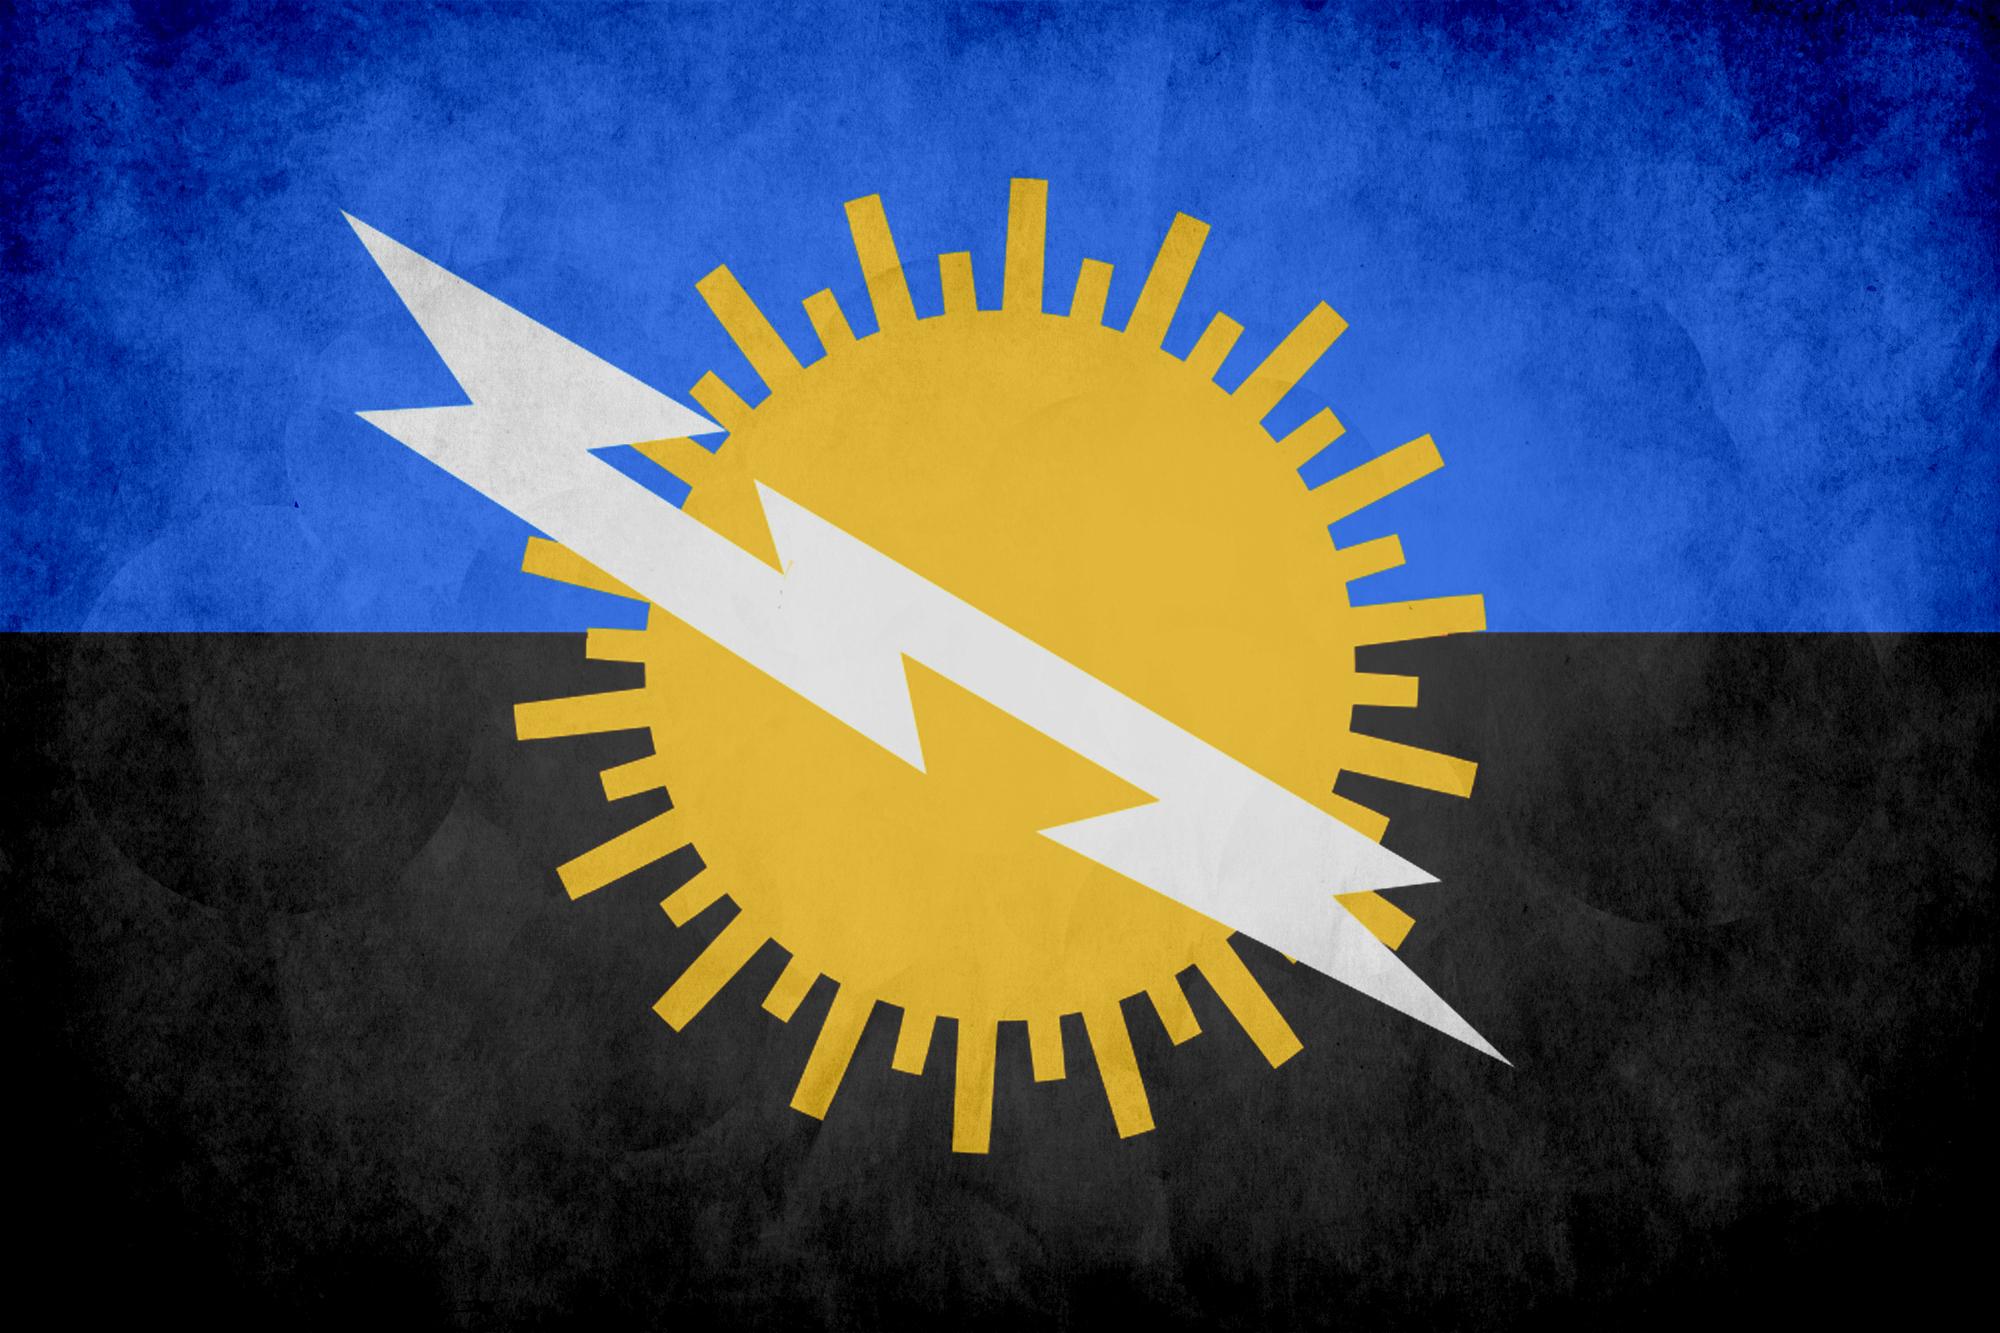 bandera del zulia grunge « República Independiente del Zulia